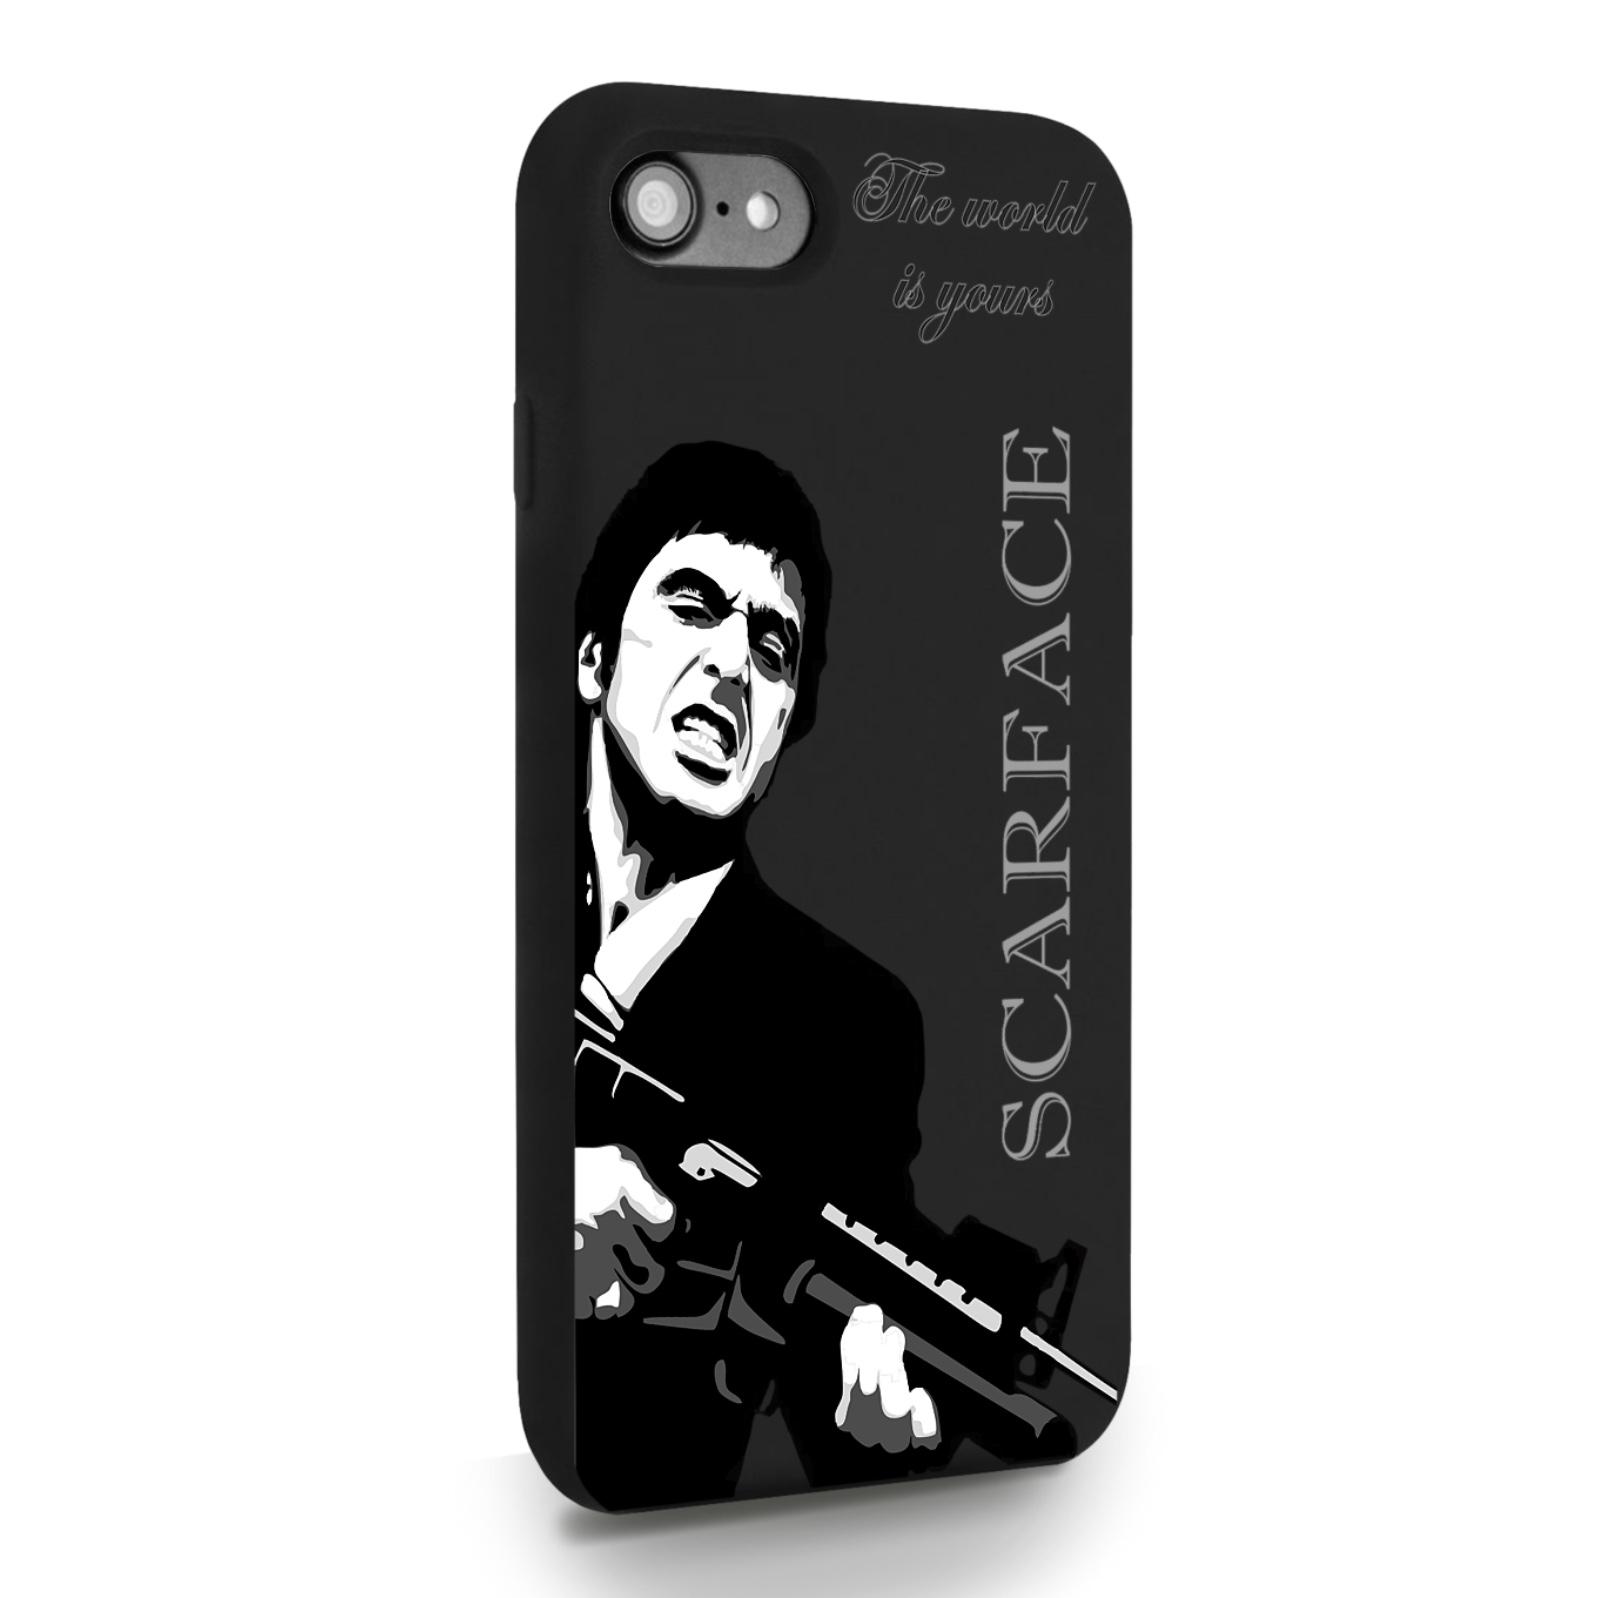 Черный силиконовый чехол для iPhone 7/8/SE2020 Scarface Tony Montana Лицо со шрамом для Айфон 7/8/СЕ2020